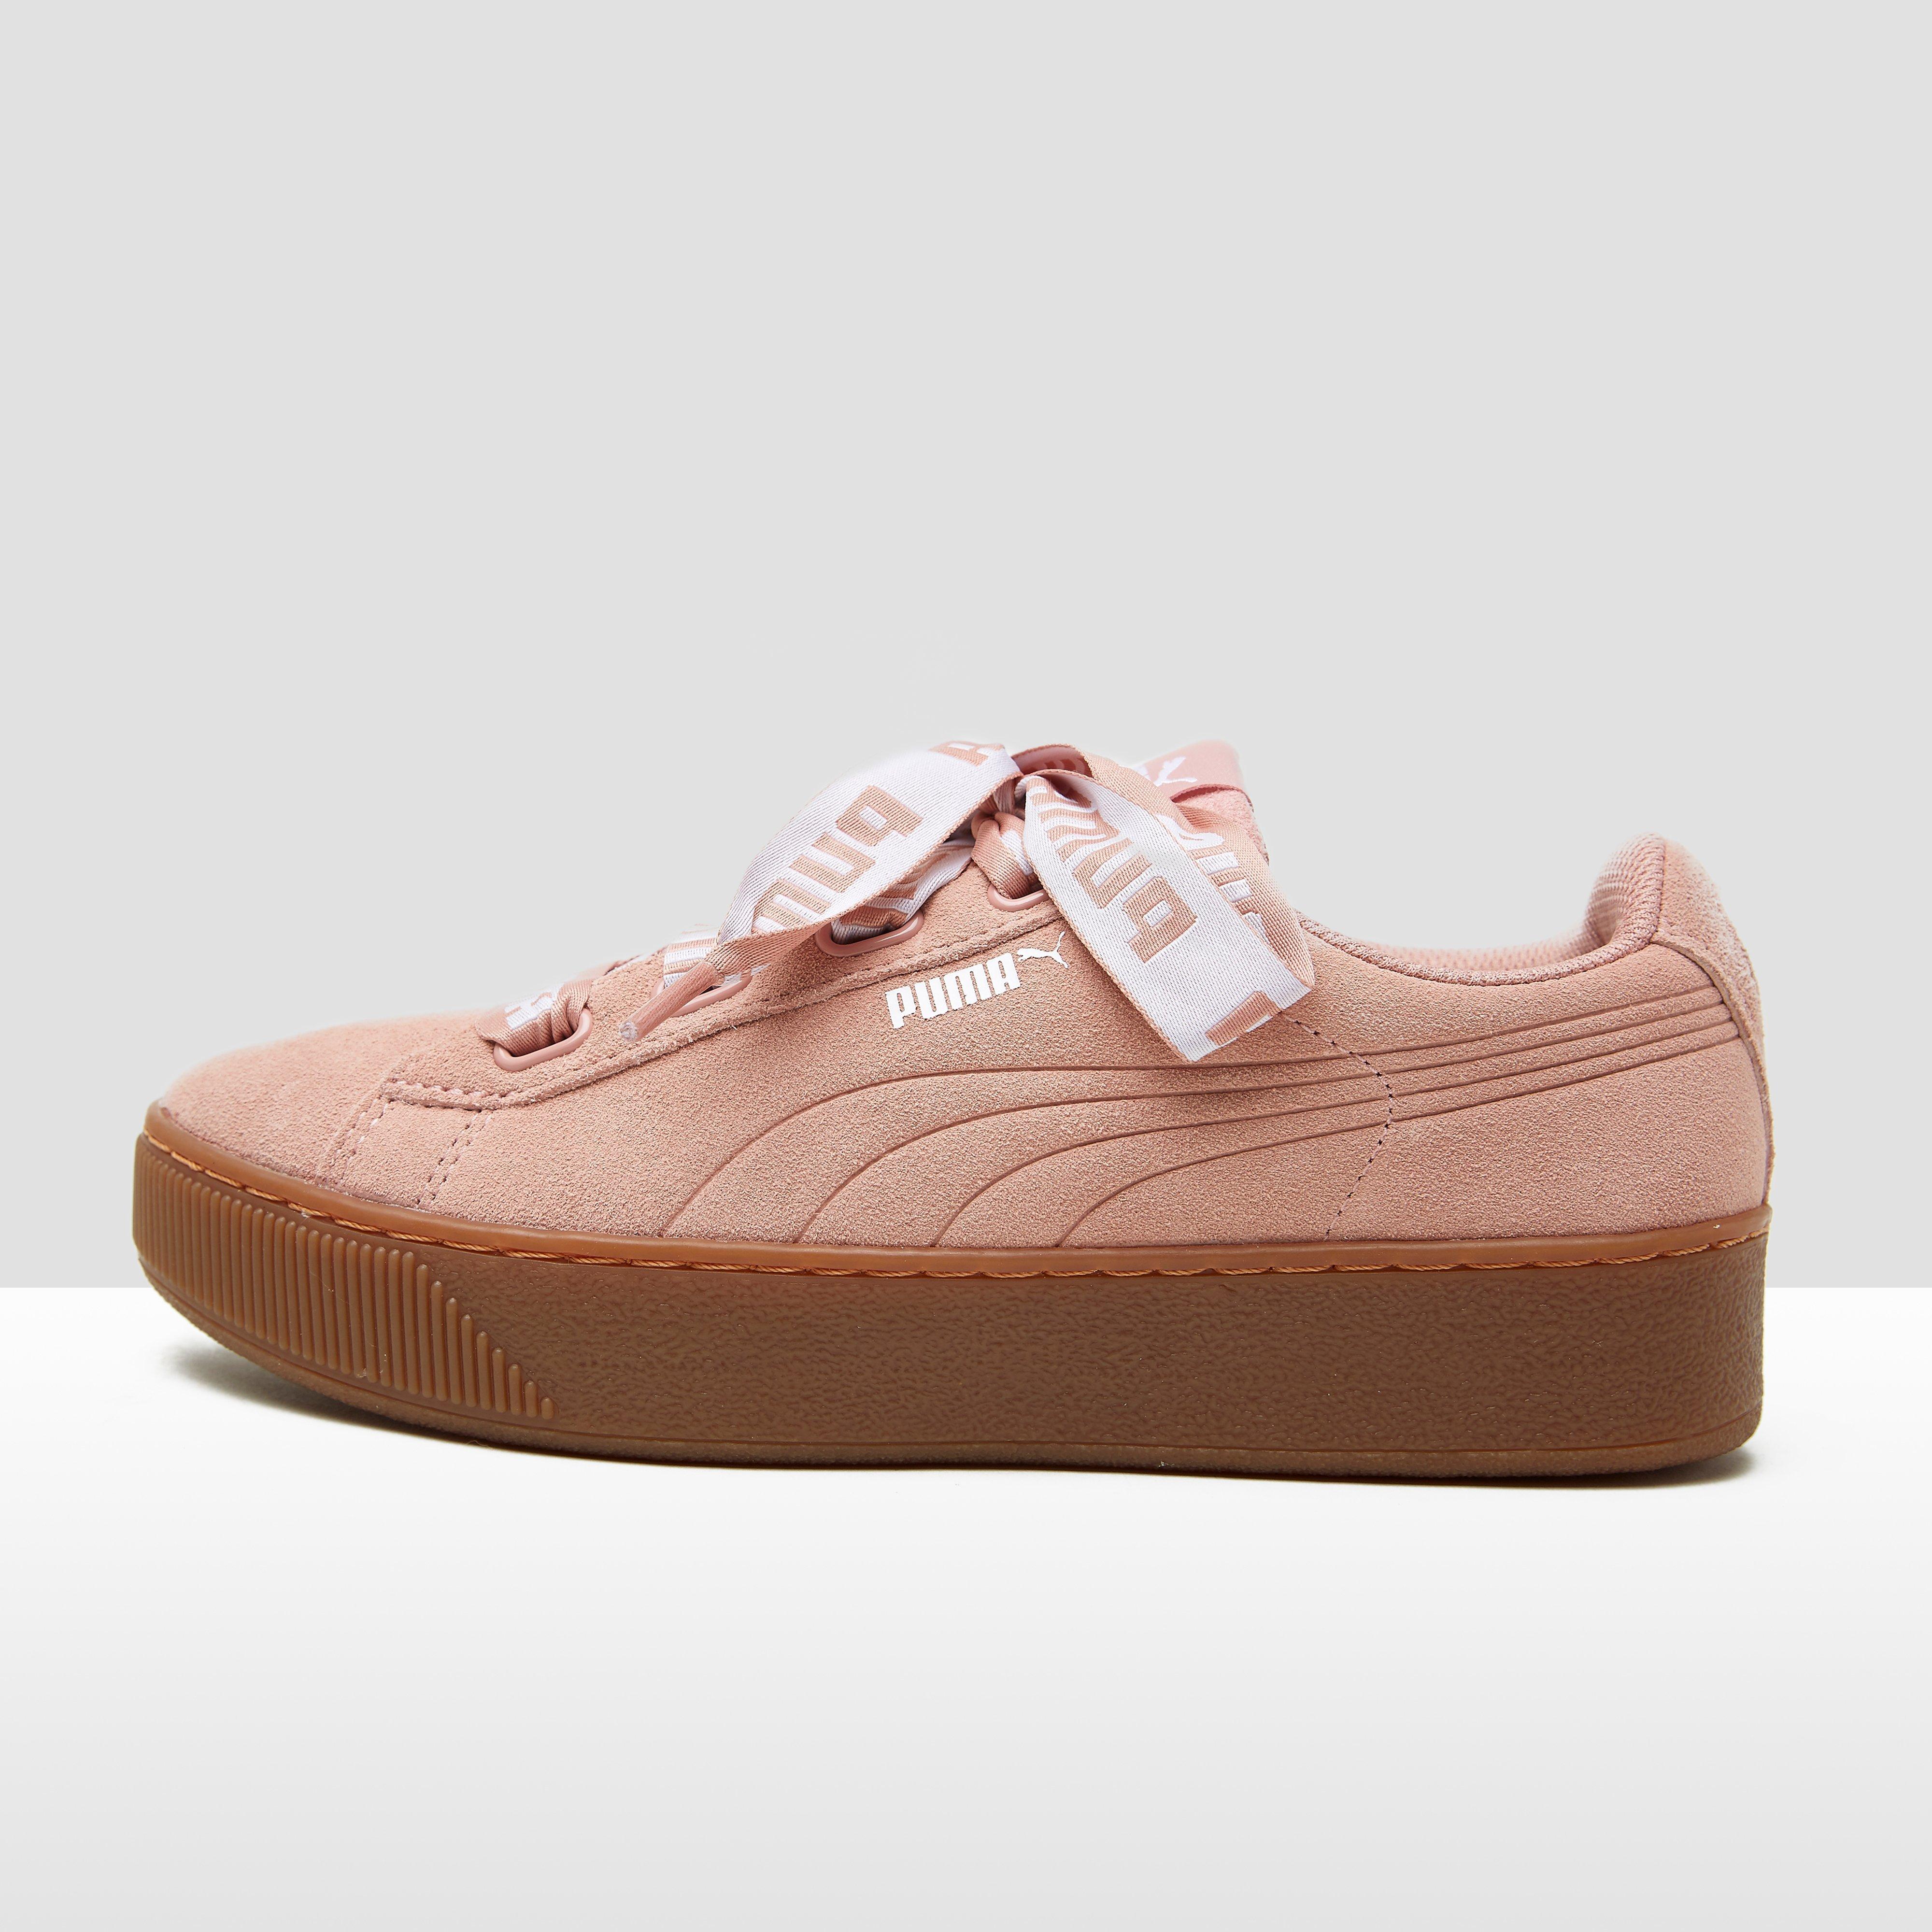 Puma Chaussures Roses Pour Les Femmes 5csfOK9m7